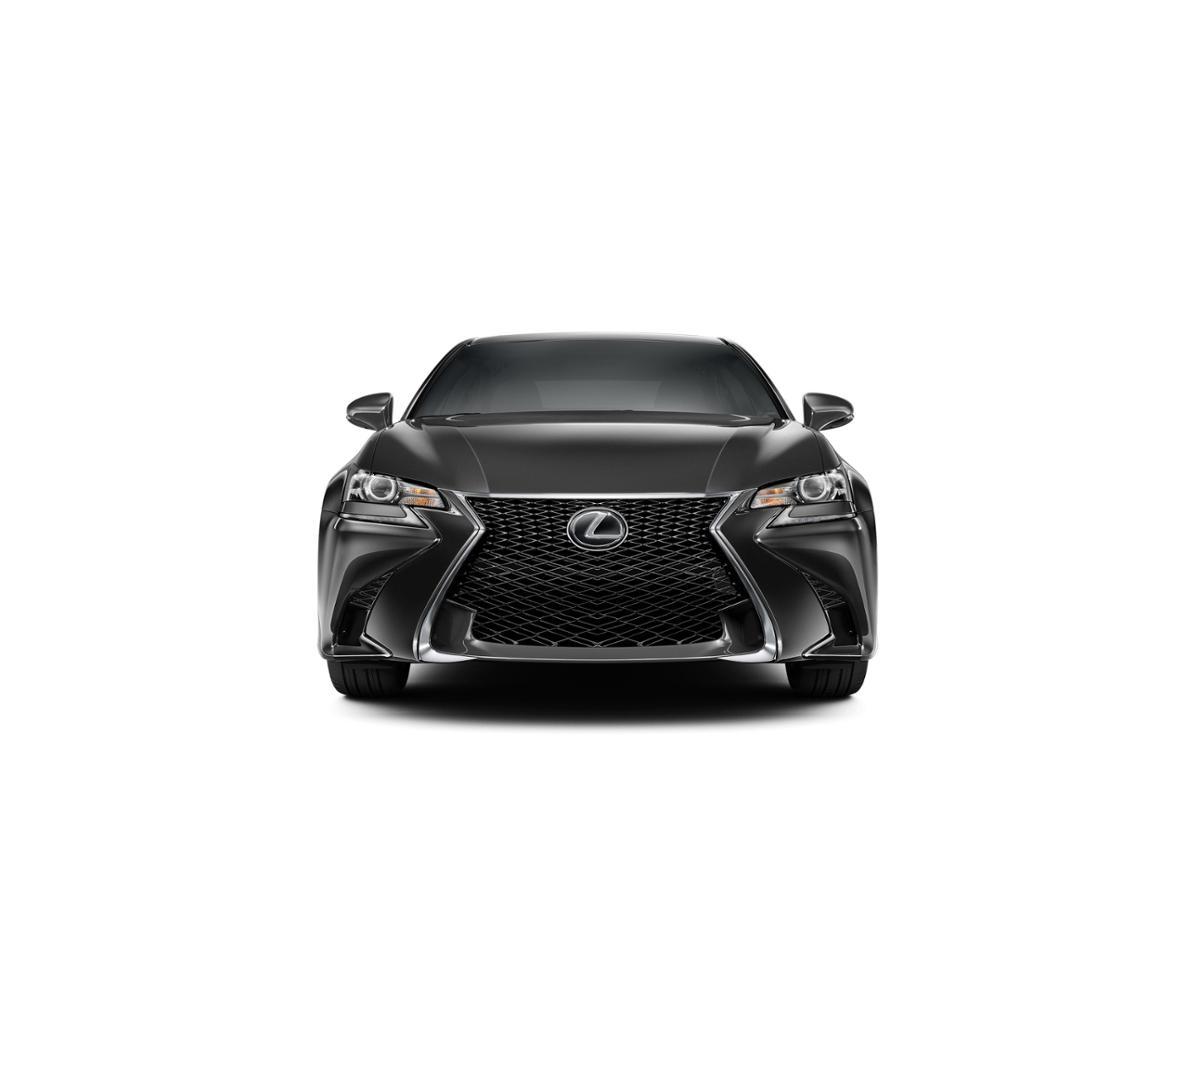 2018 Lexus Gs 350 For Sale In Westmont Jthcz1bl6ja008615